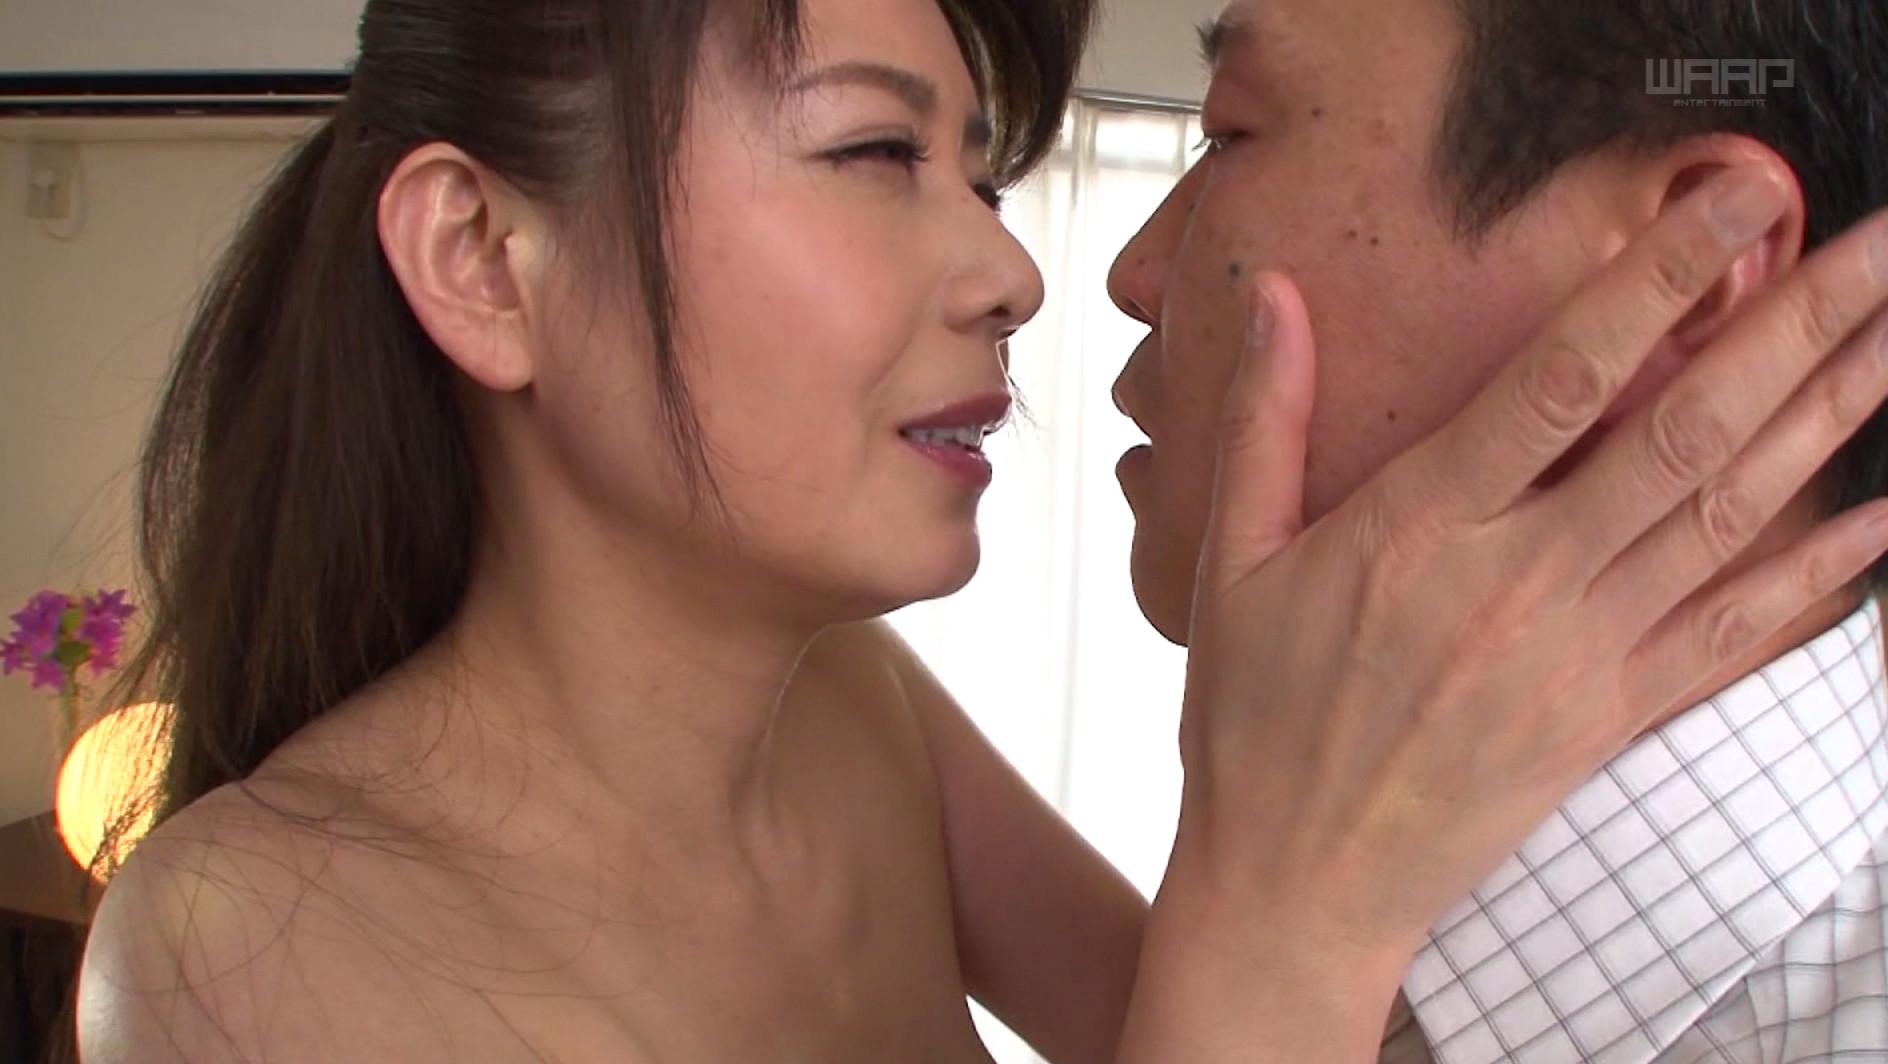 こんな女に抱かれたい 三浦恵理子,のサンプル画像1